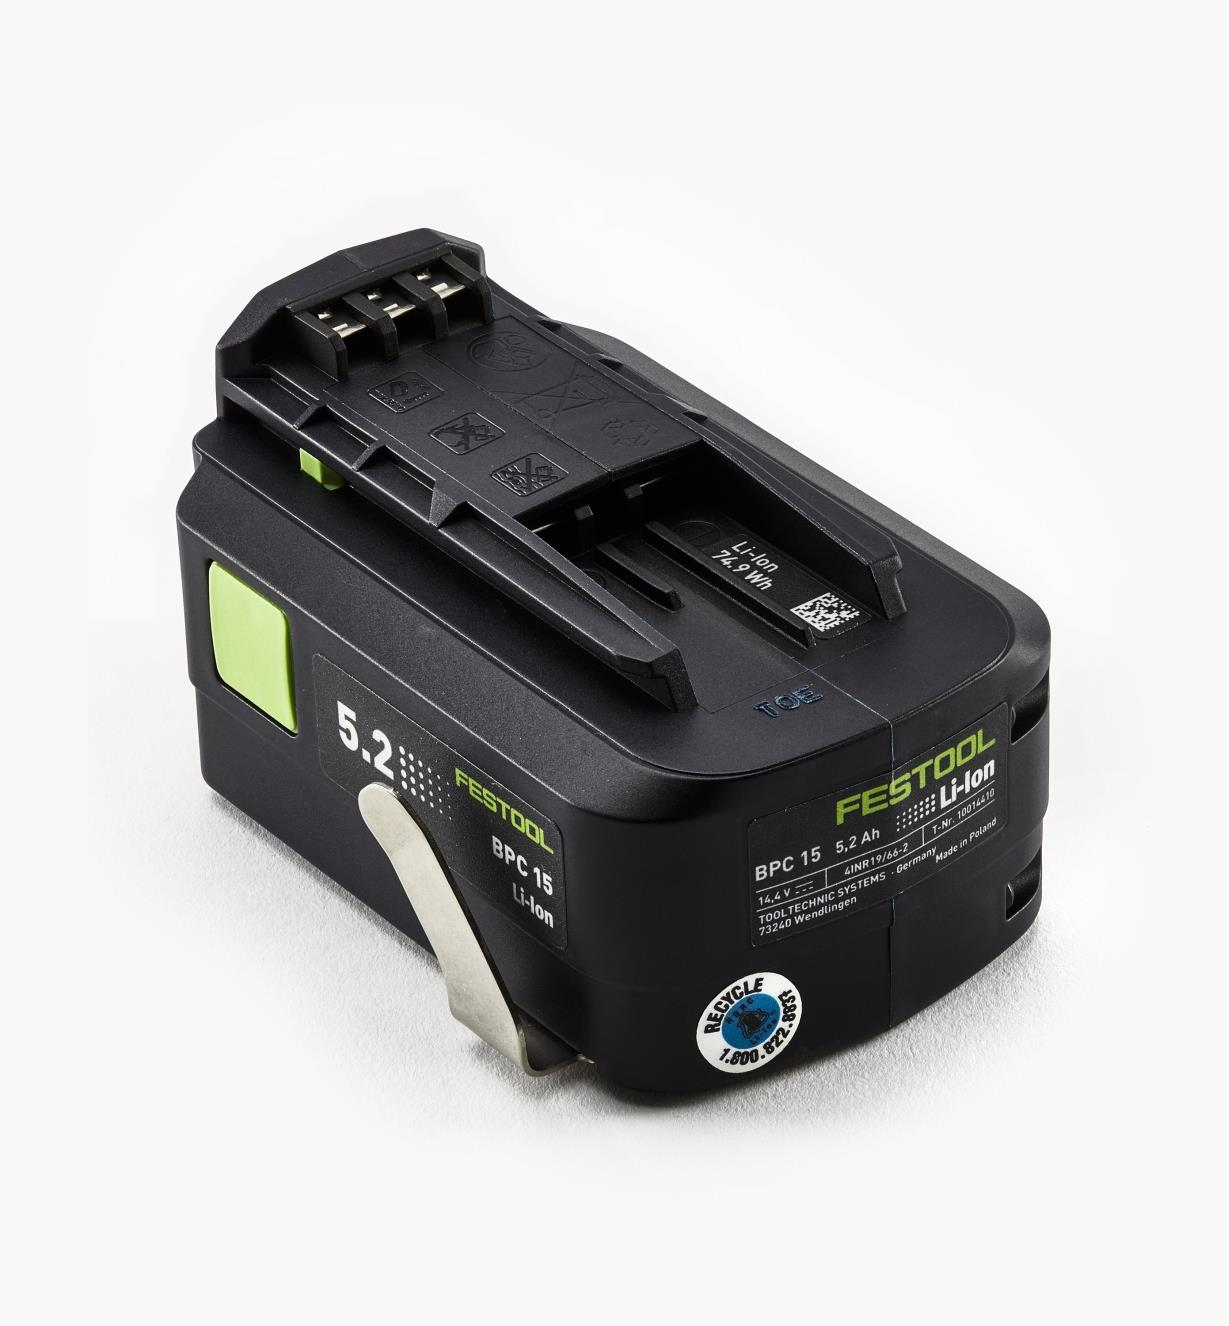 ZA500530 - Batterie de remplacement 15 V 5,2Ah